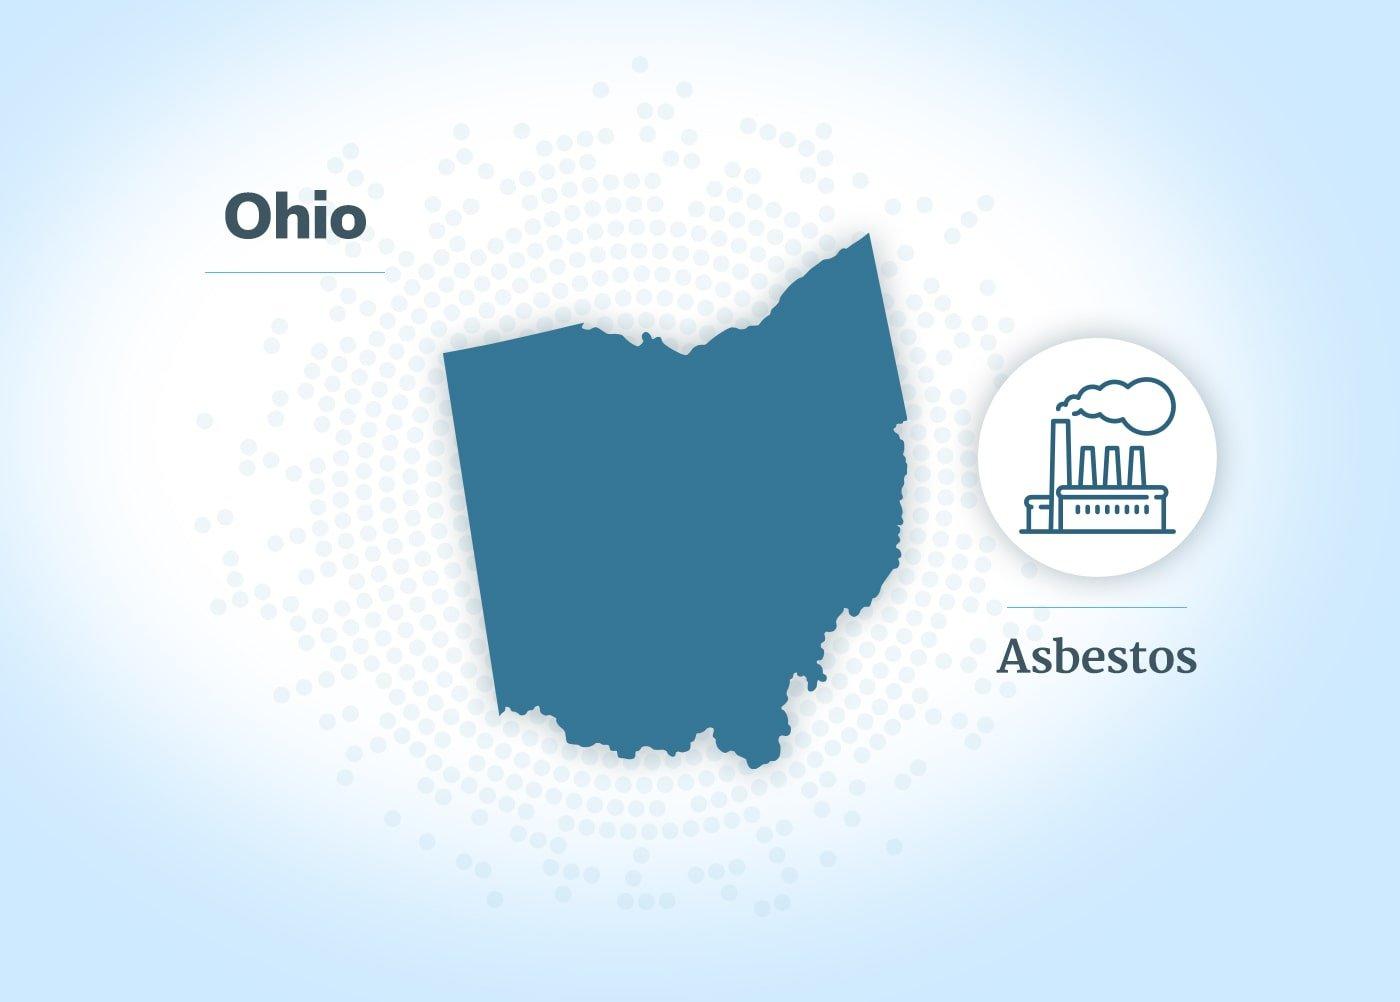 Asbestos exposure in Ohio